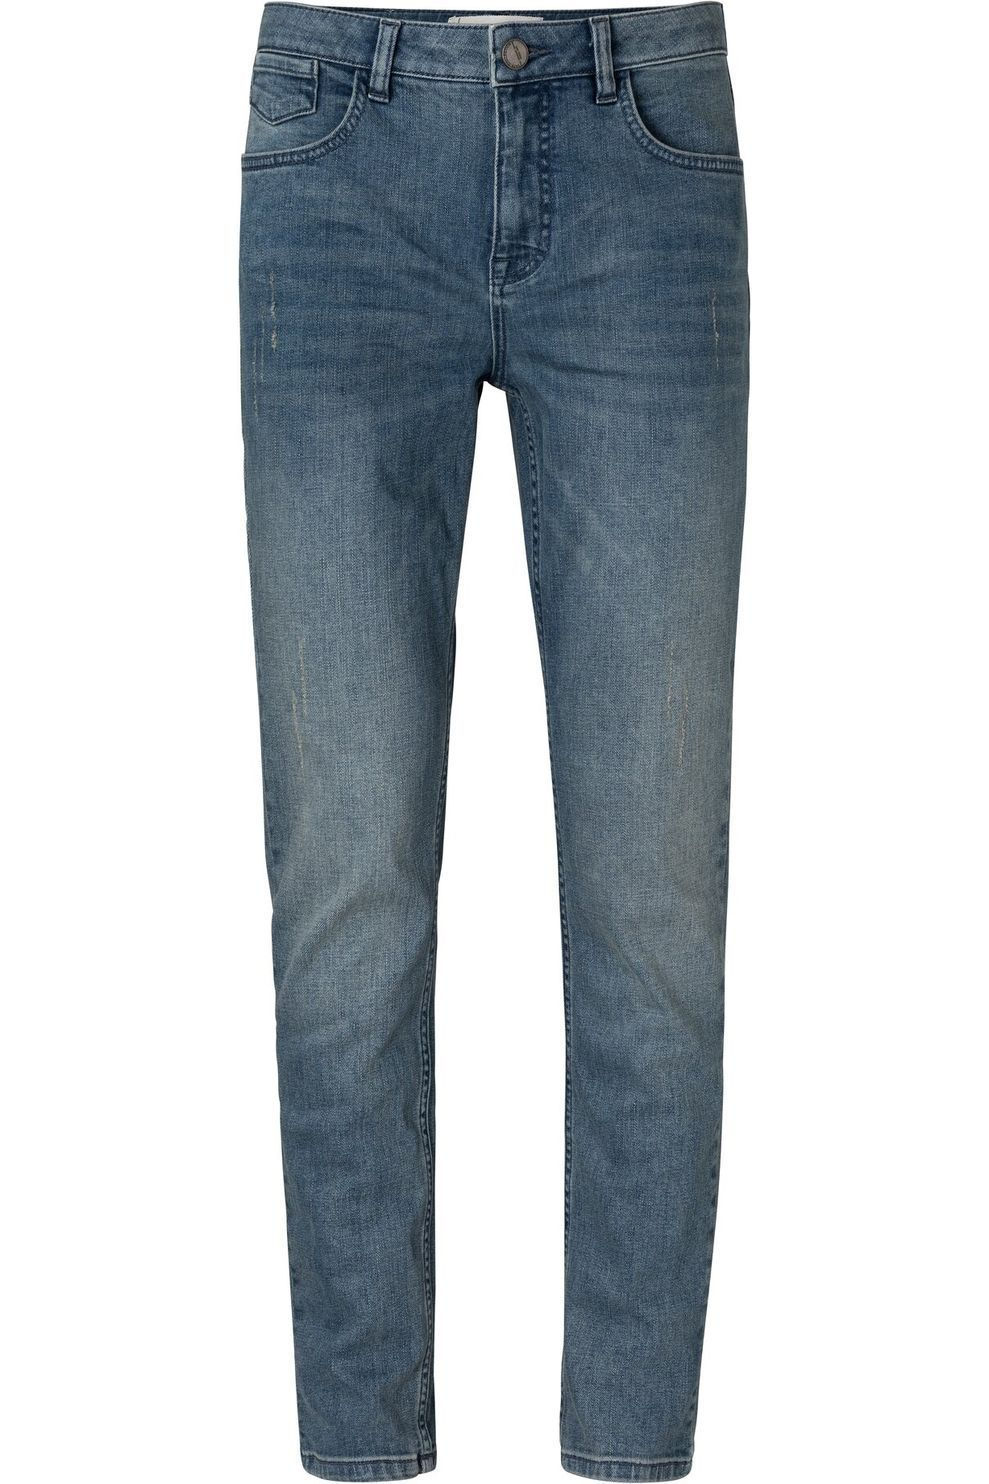 YAYA Jeans Medium Waist Boyfriend Denim voor dames - Blauw - Maten: 36, 38, 40